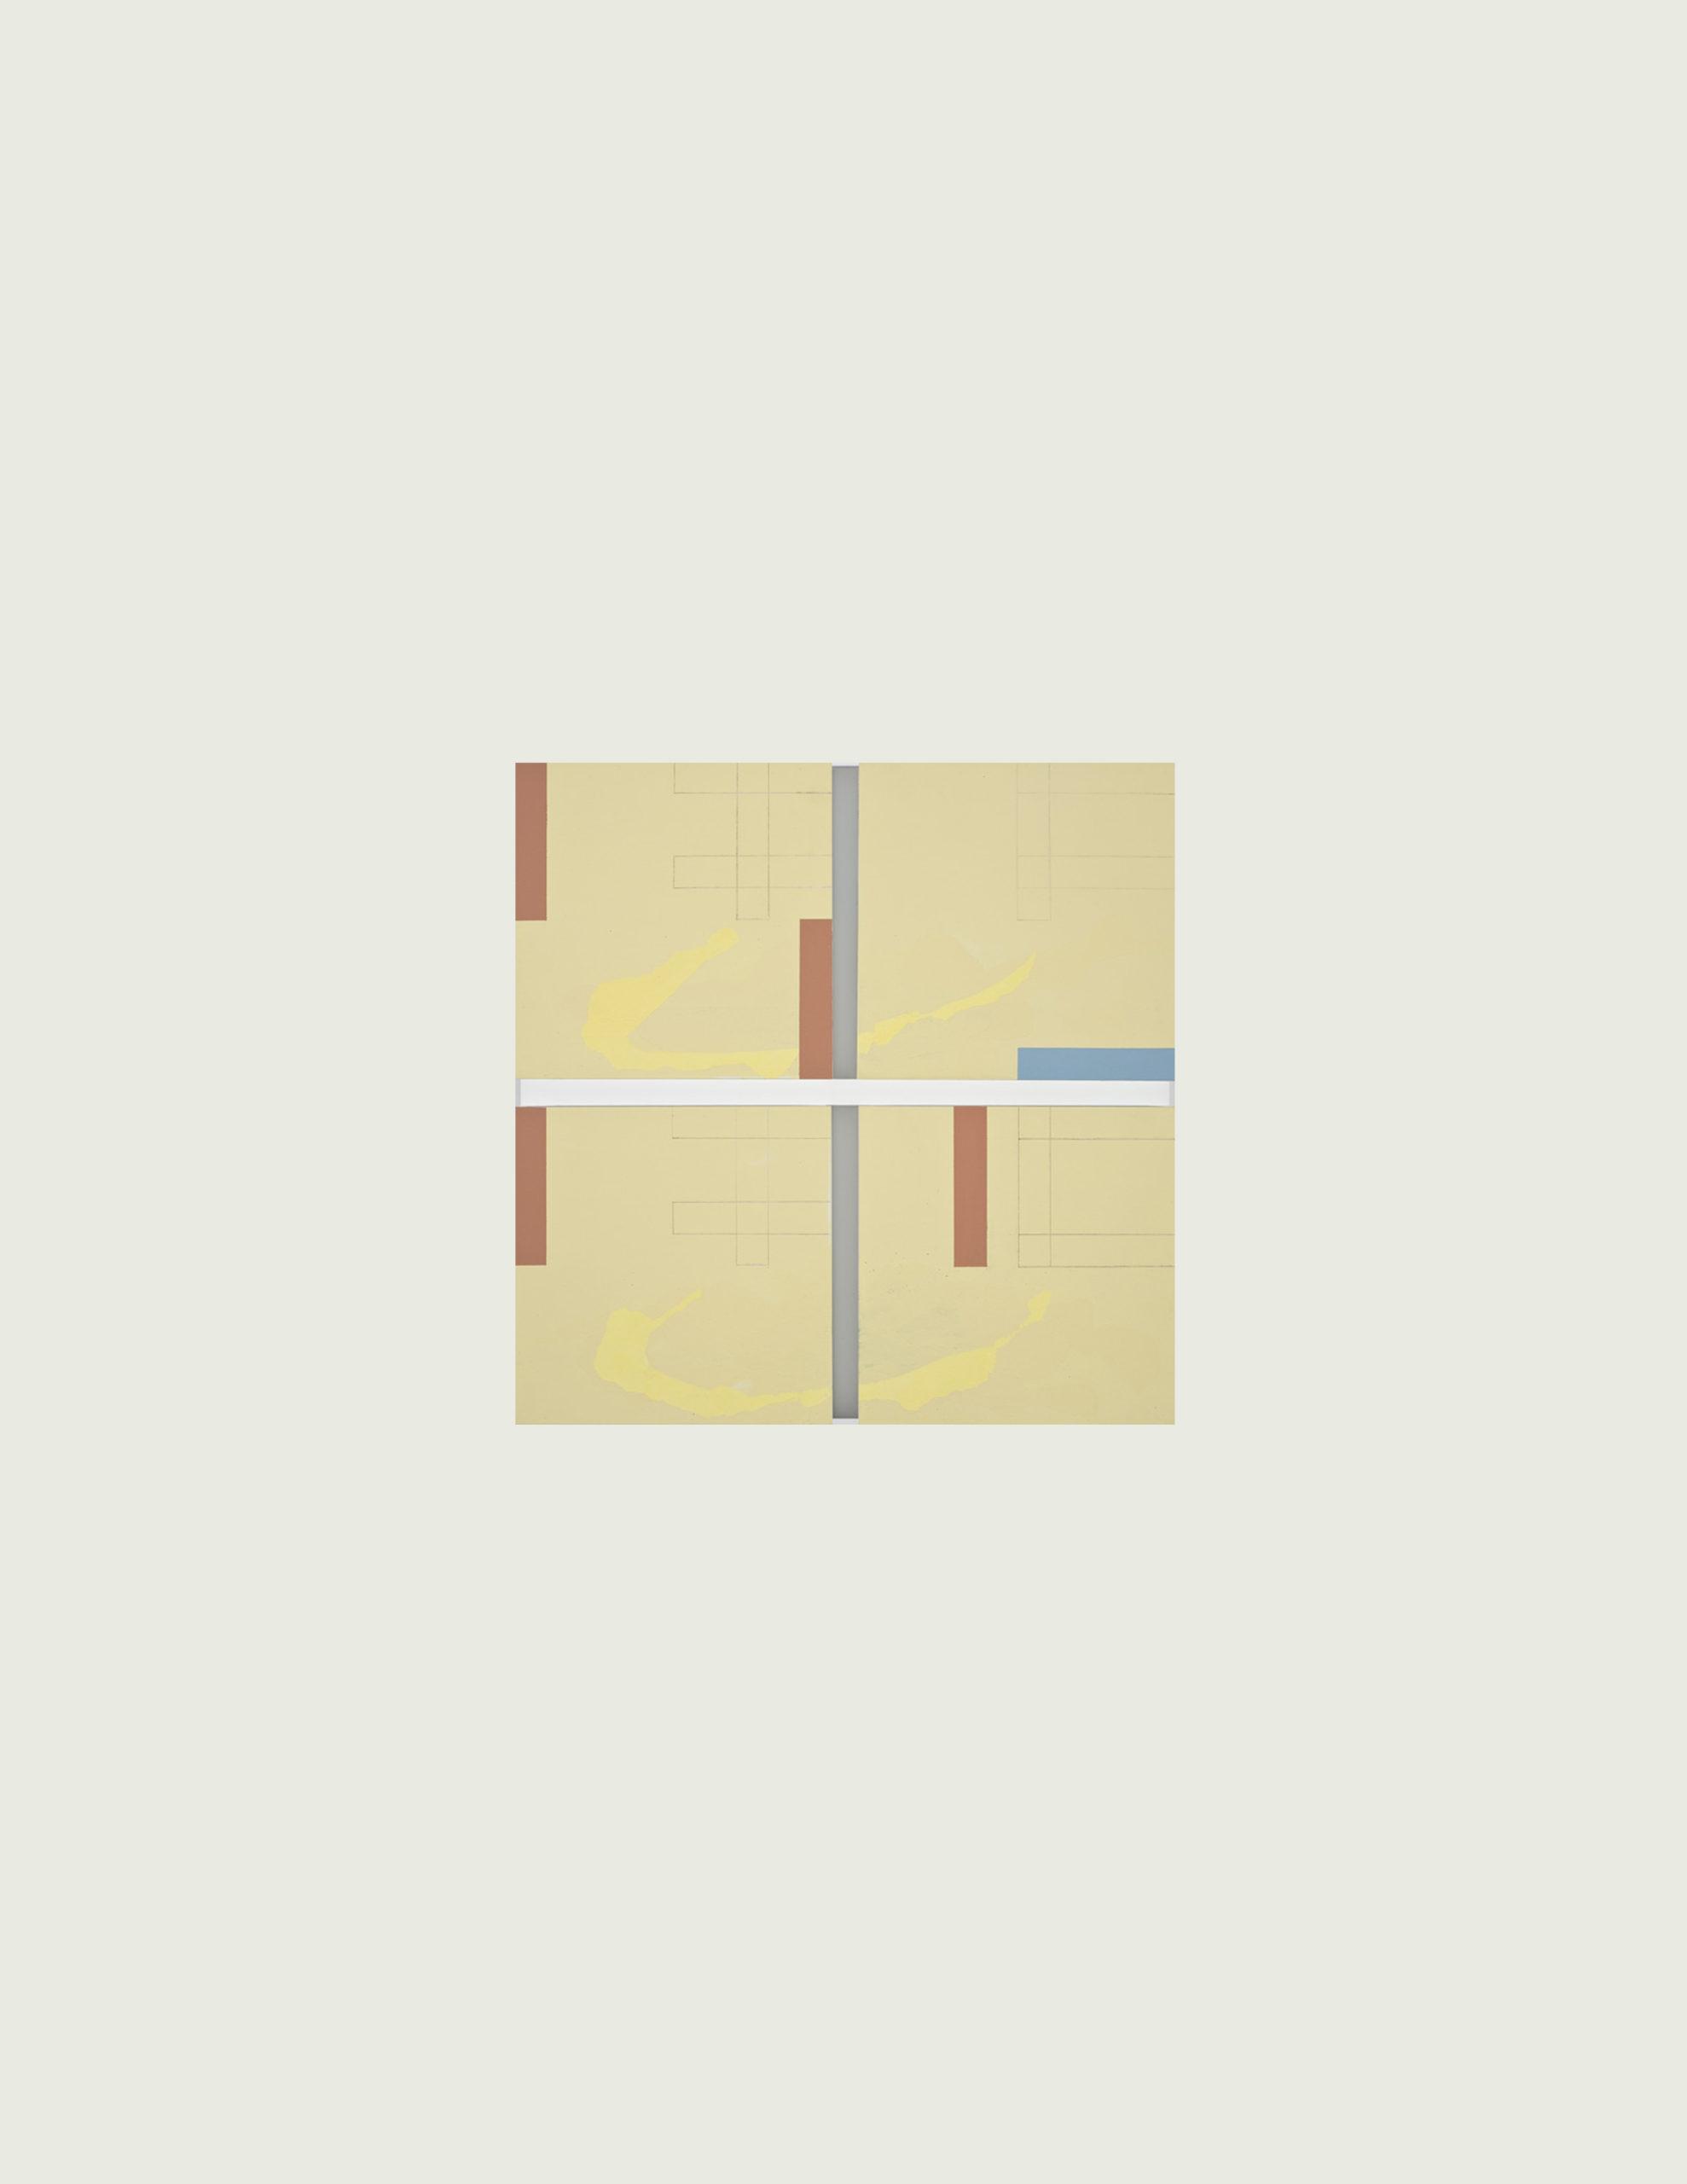 Petits tableaux et études [Suite Feldman], 2008 – 2015